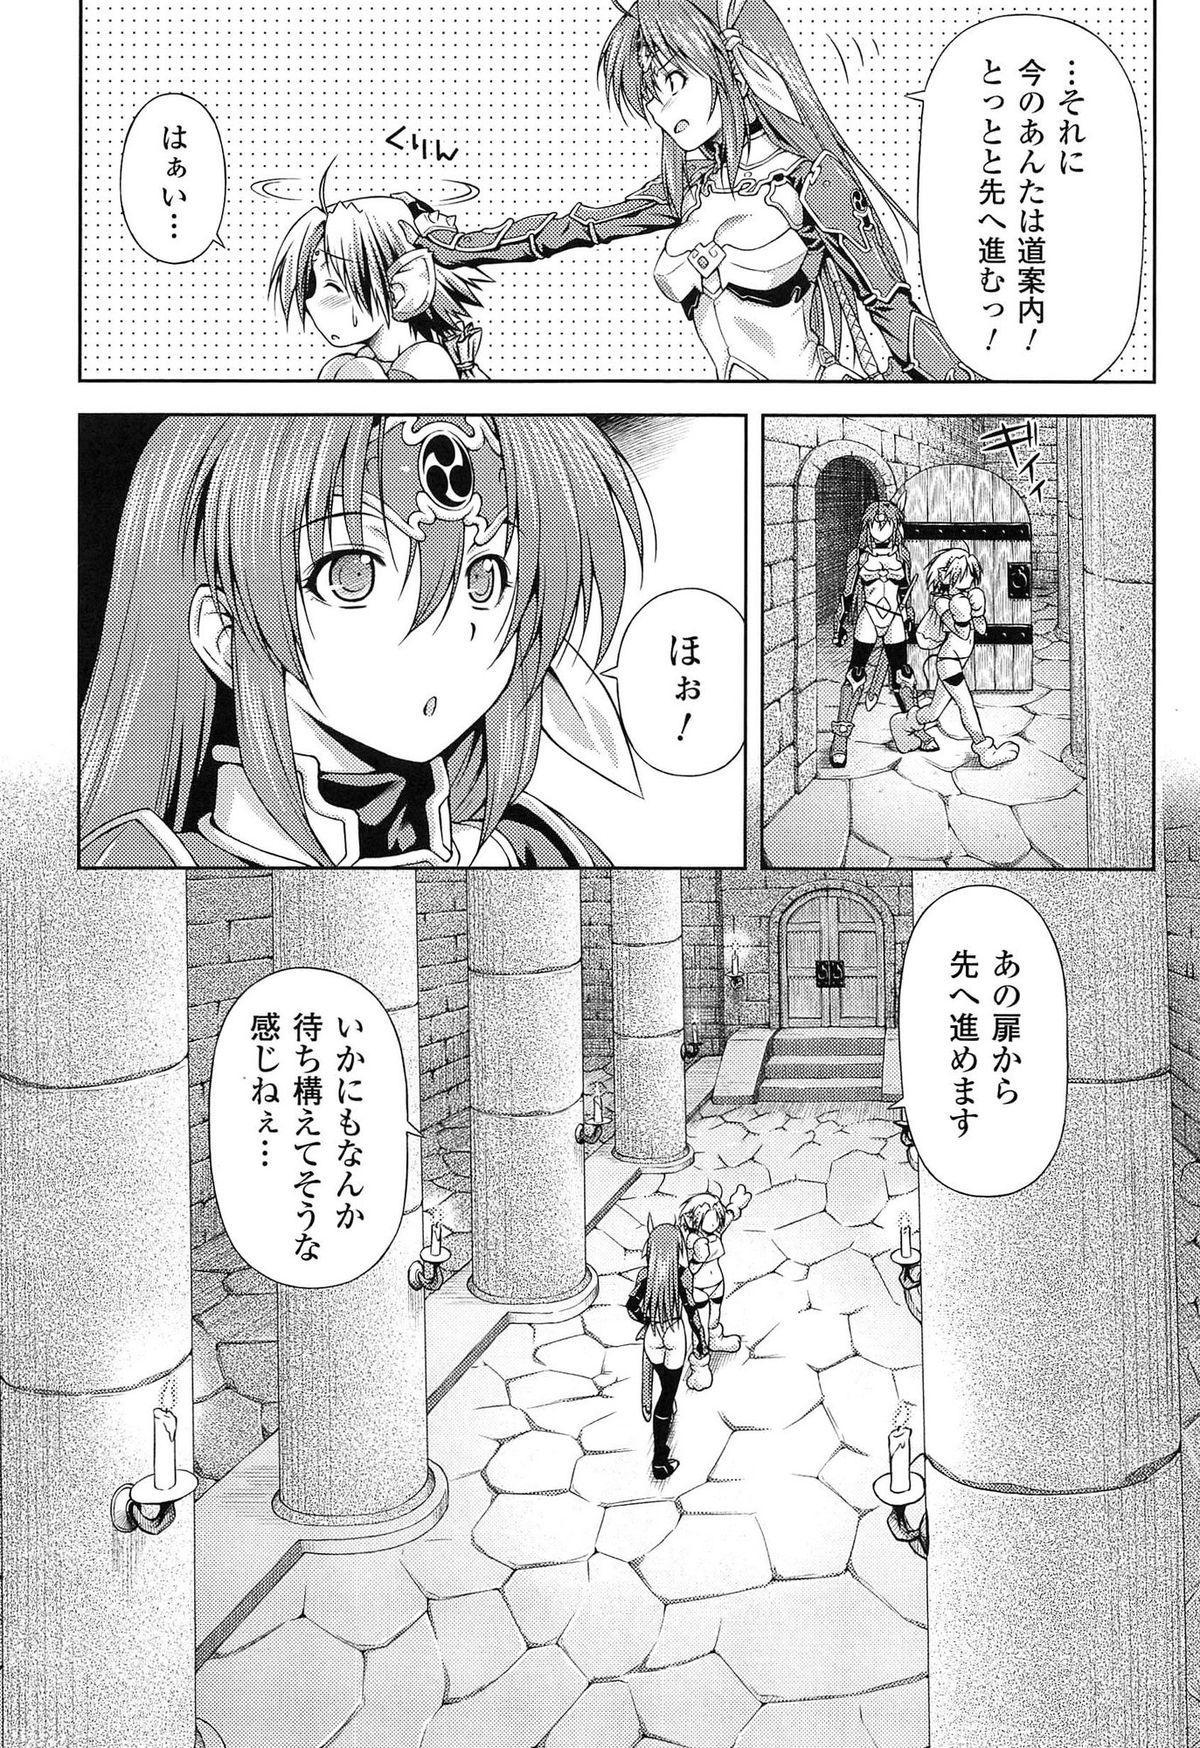 [kazuma muramasa, ZyX] Ikazuchi no Senshi Raidy ~Haja no Raikou~ THE COMIC 24